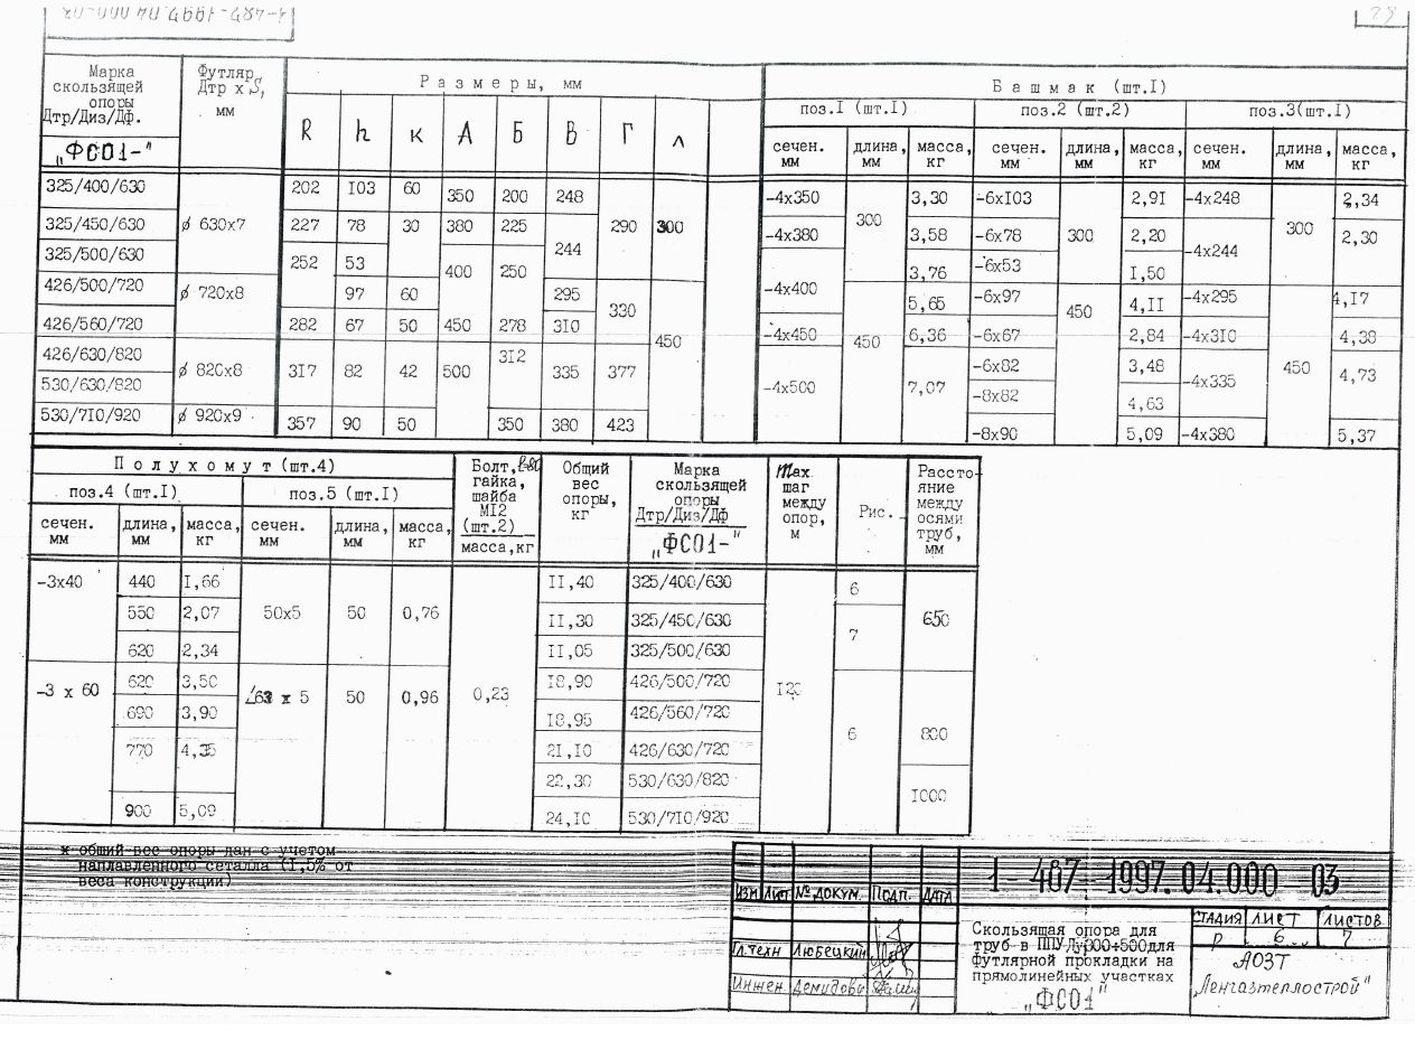 Опора ФСО1 ТД 1-487-1997.04.000 стр.6